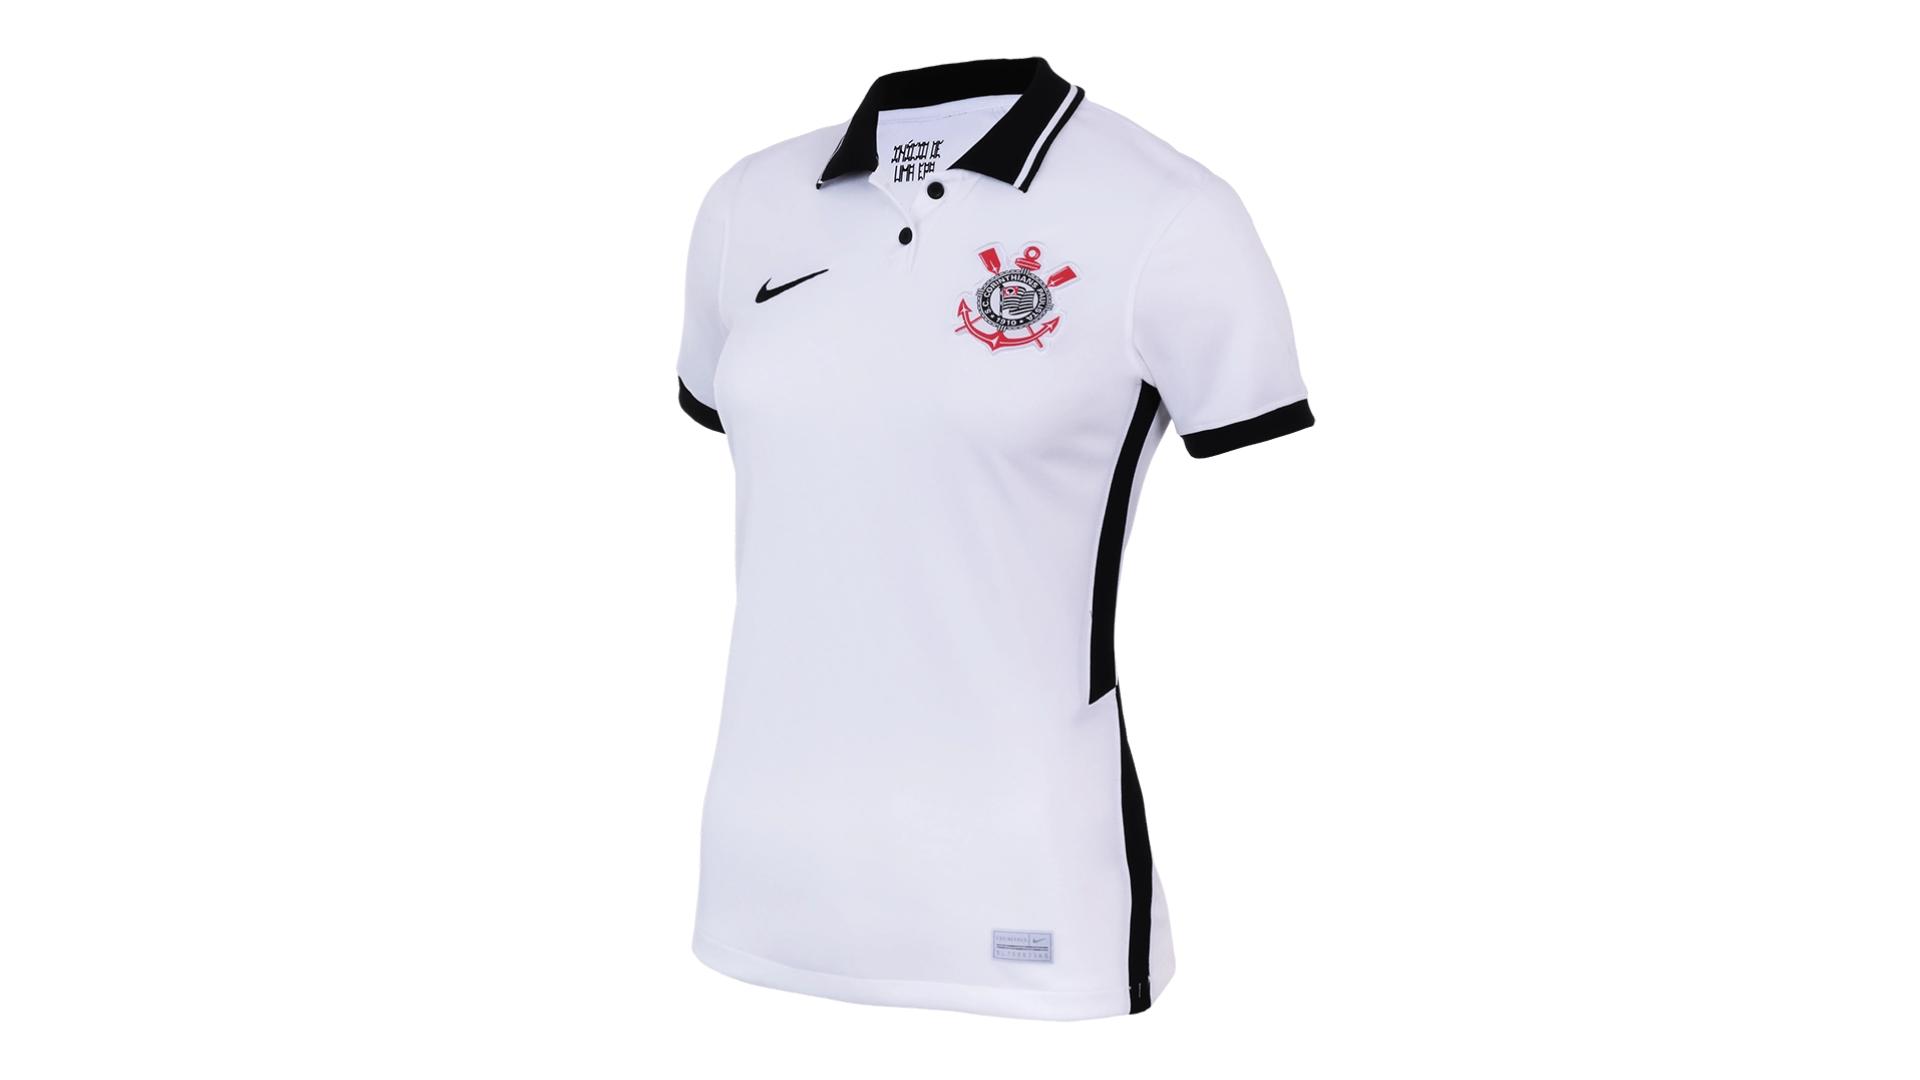 Camisa do Corinthians Feminina 2020 Nike Jogo 1 (Imagem: Divulgação/Nike)